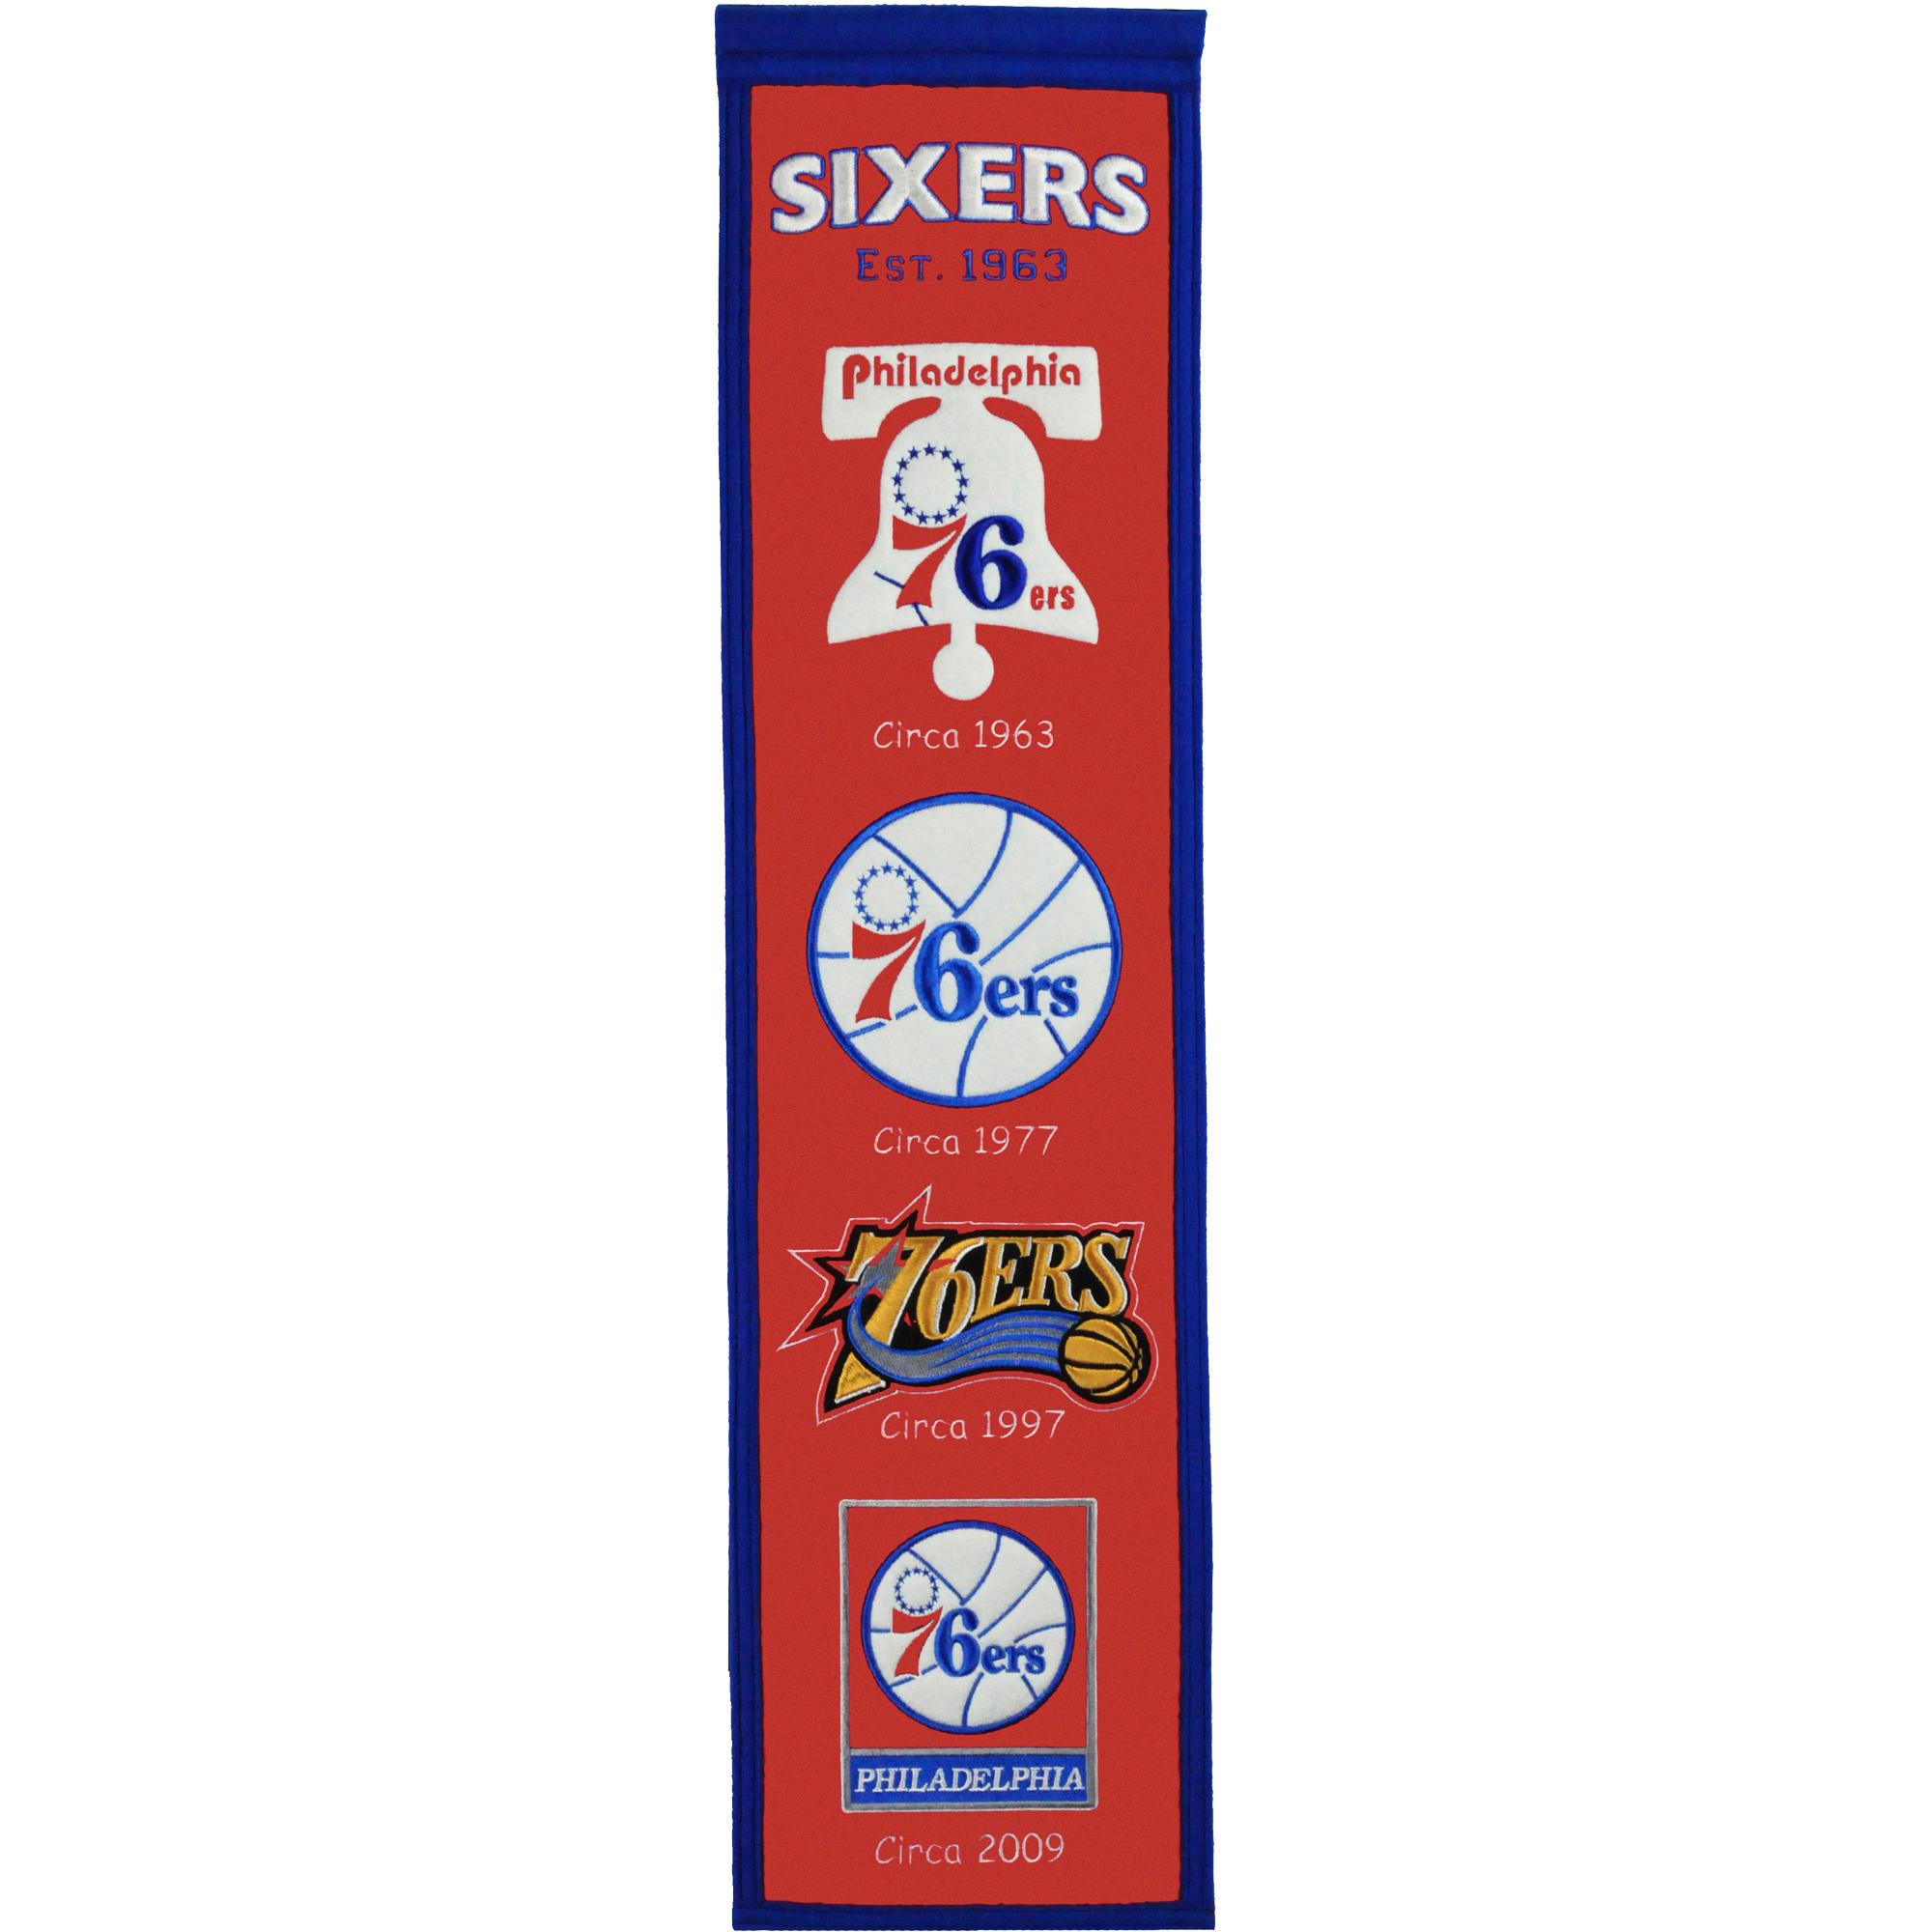 """Philadelphia 76ers 8"""" x 32"""" Premium Heritage Banner - No Size"""